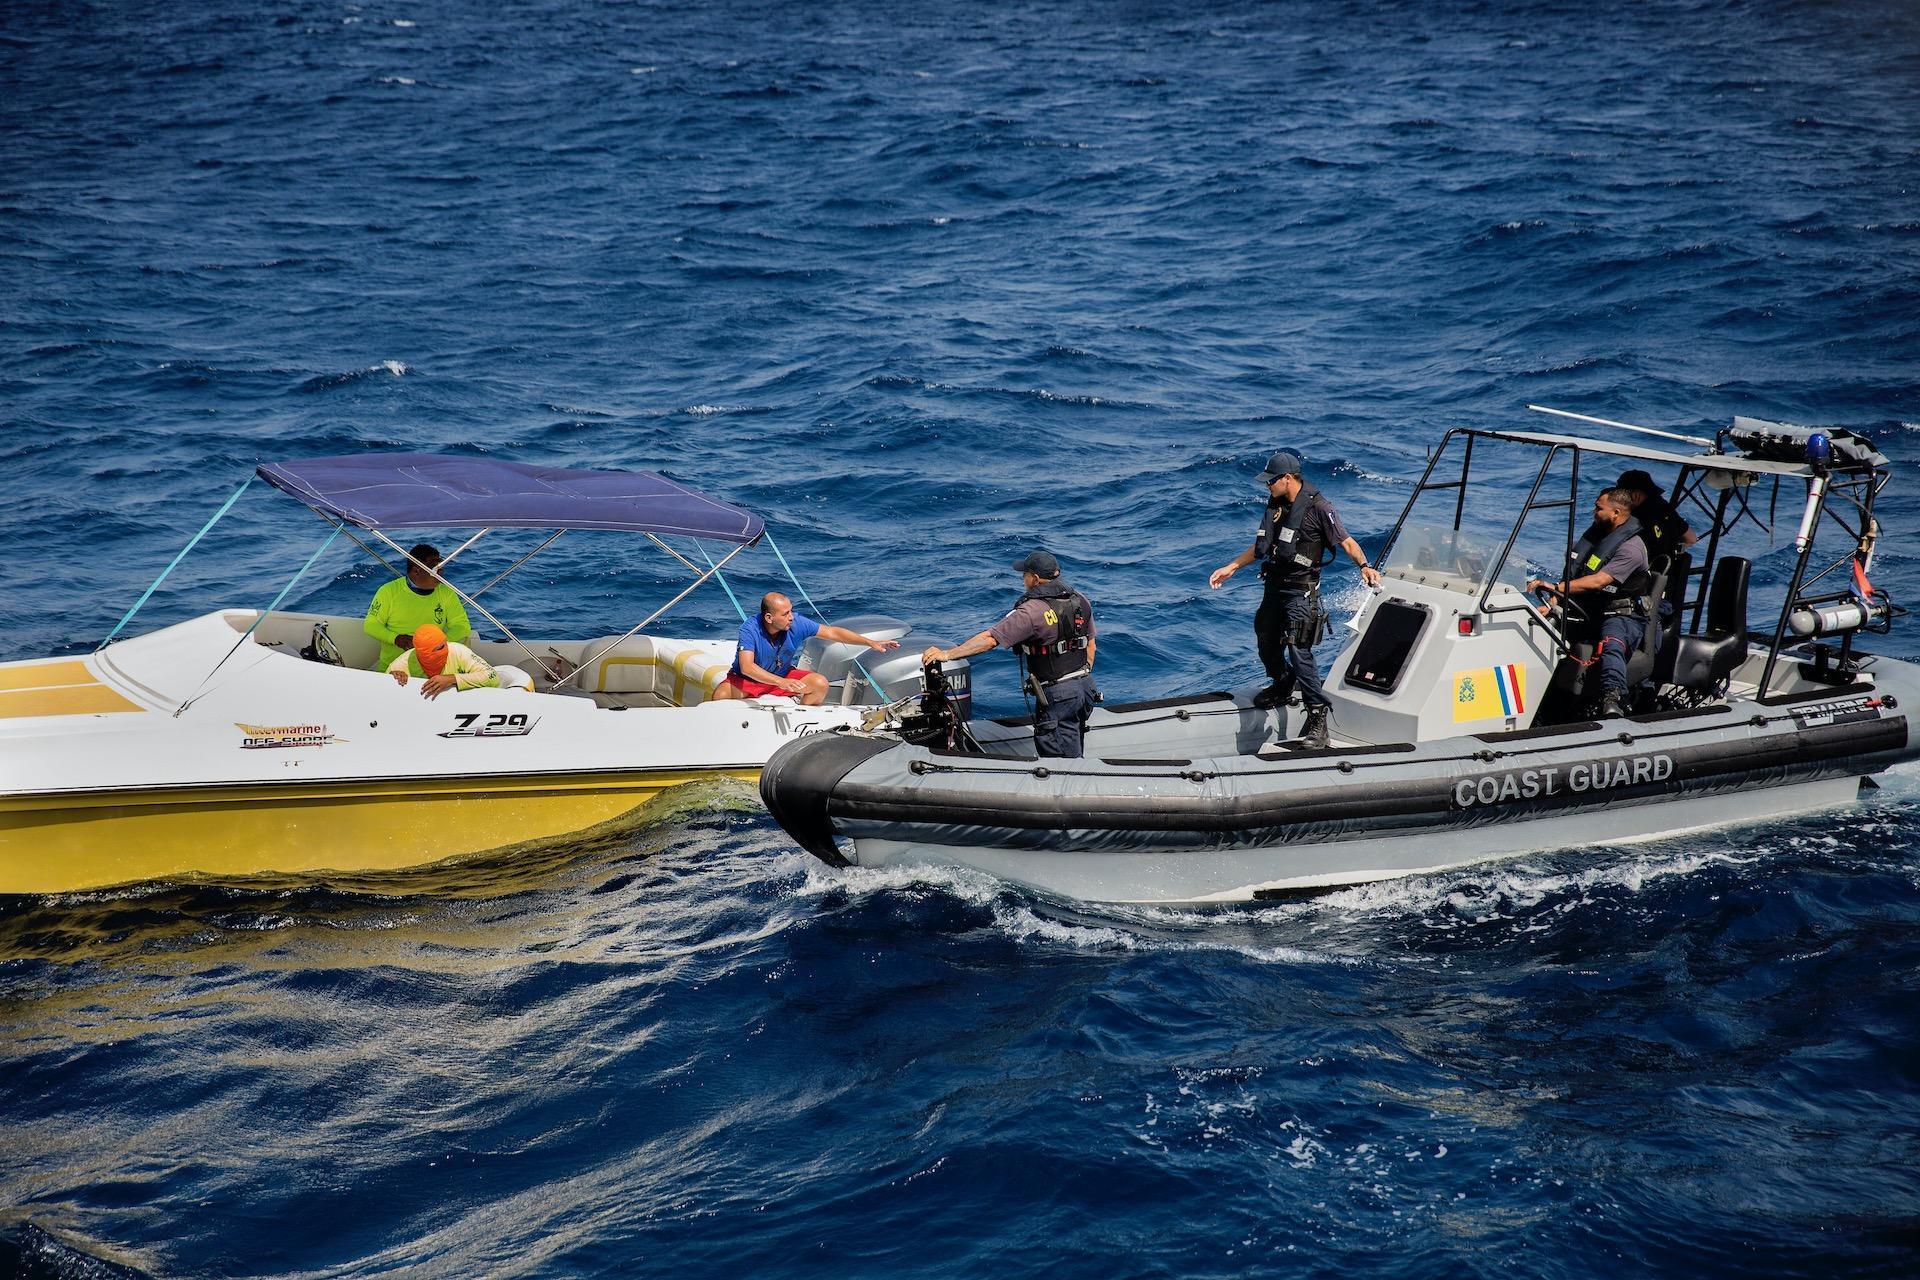 De kustwacht van Aruba op patrouille . Zij controleren bootjes in de territoriale wateren rond het eiland op drugssmokkel, benzine smokkel vanaf Venezuela en mensensmokkel. De bootjes met vluchtelingen uit Venezuela komen ook vaak  snachts waarbij de vluchtelingen 60 meter uit de kust in het water moeten springen en naar land zwemmen.Foto: Arie Kievit